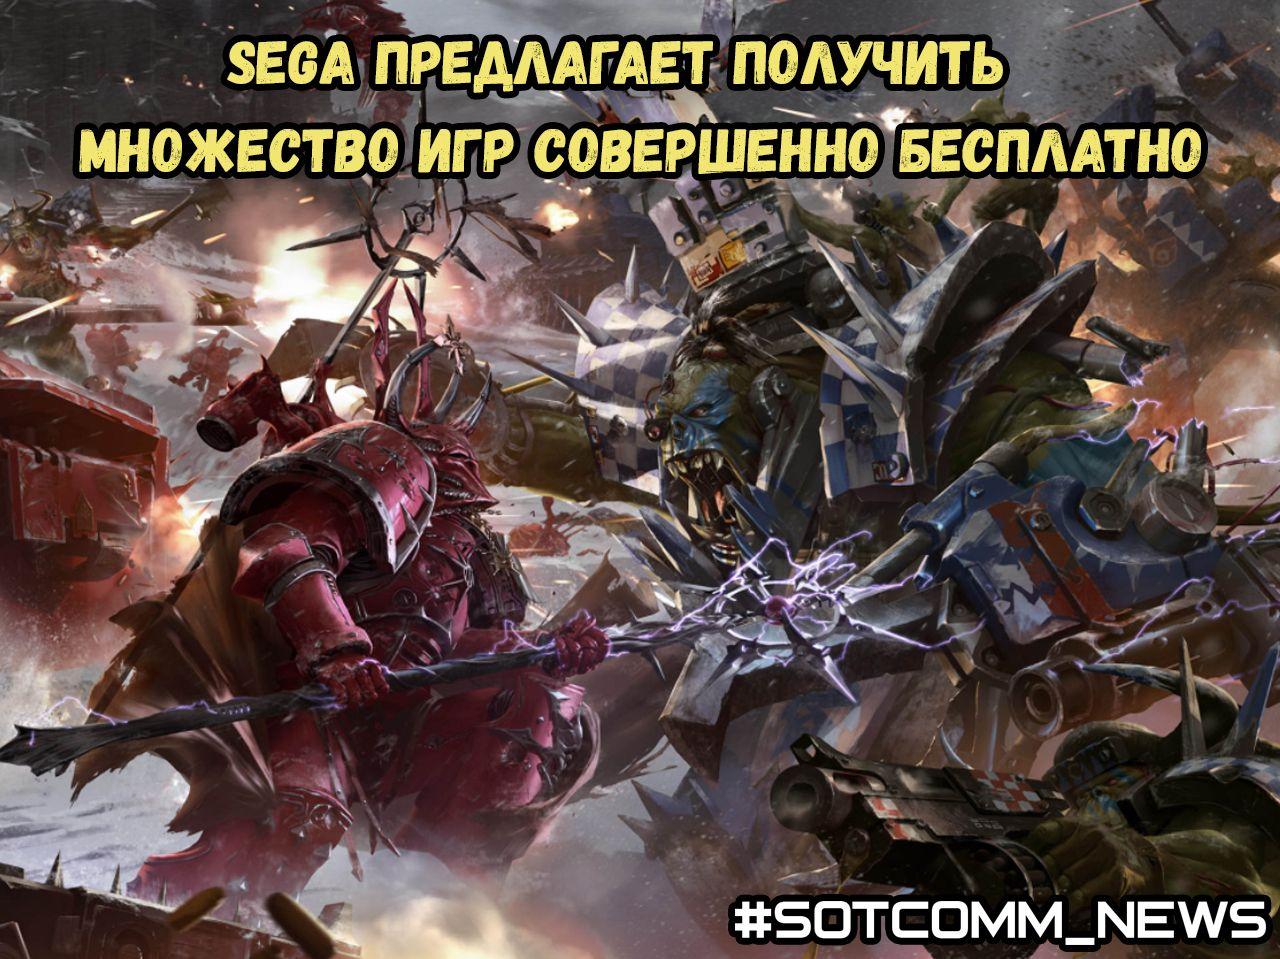 SEGA предлагает получить множество игр совершенно бесплатно